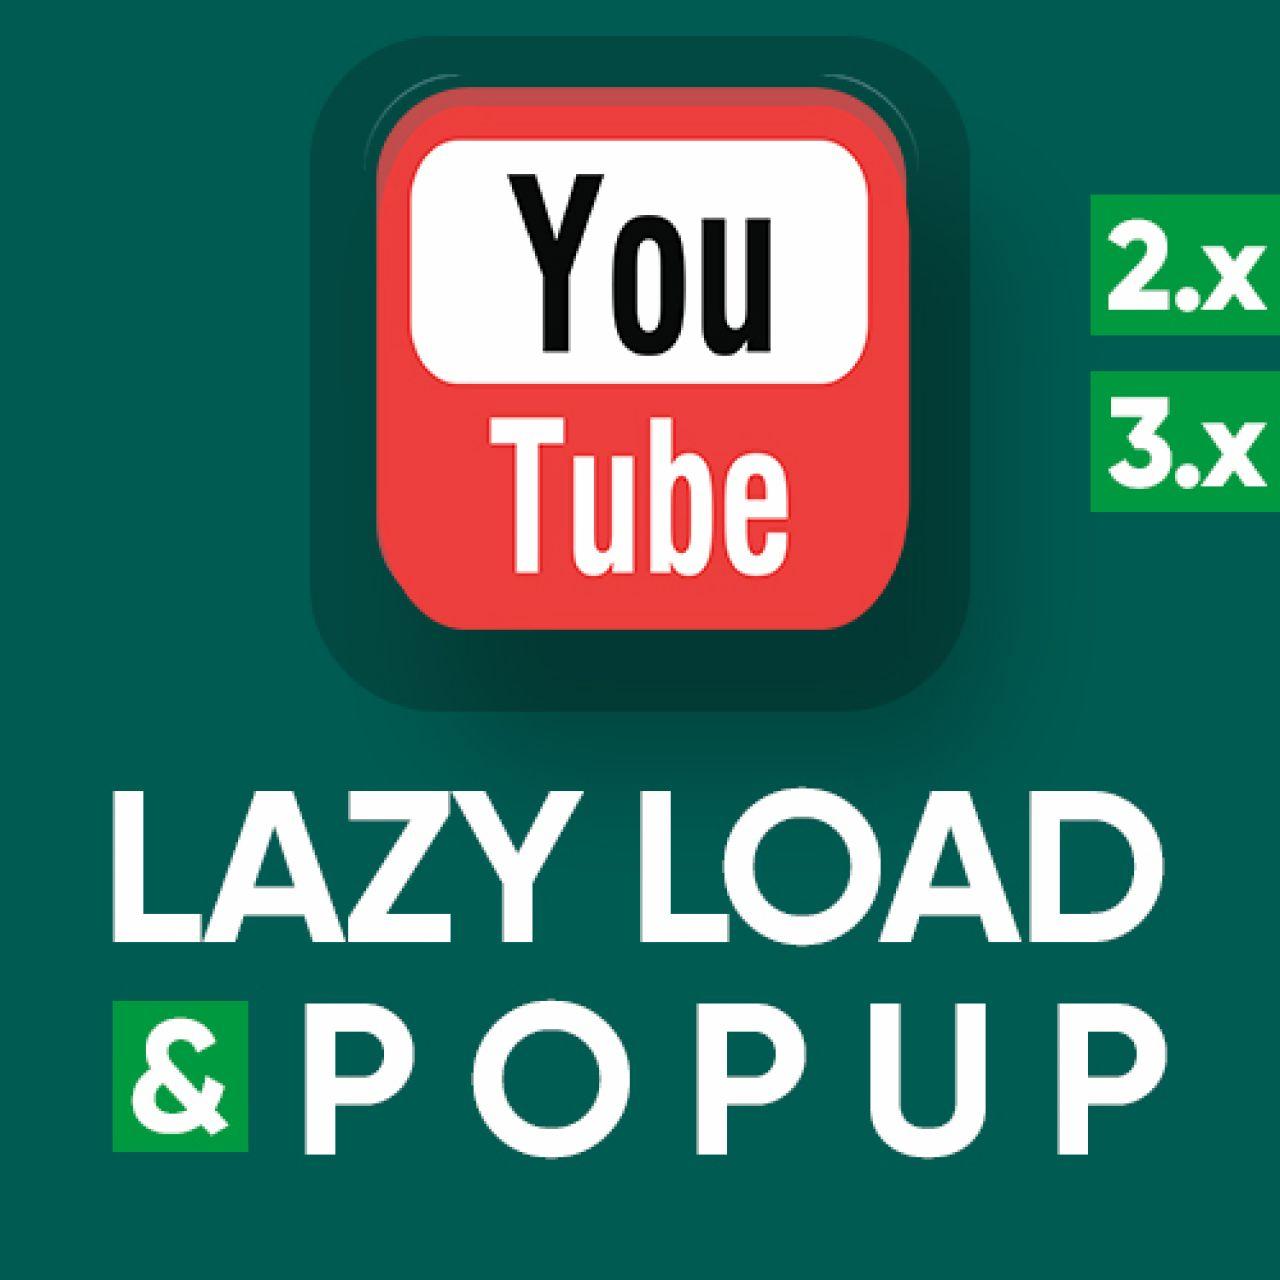 YouTube lazy load & popup - оптимизация и кастомизация iframe | увеличение pagespeed из категории Кэширование, Сжатие, Ускорение для CMS OpenCart (ОпенКарт)